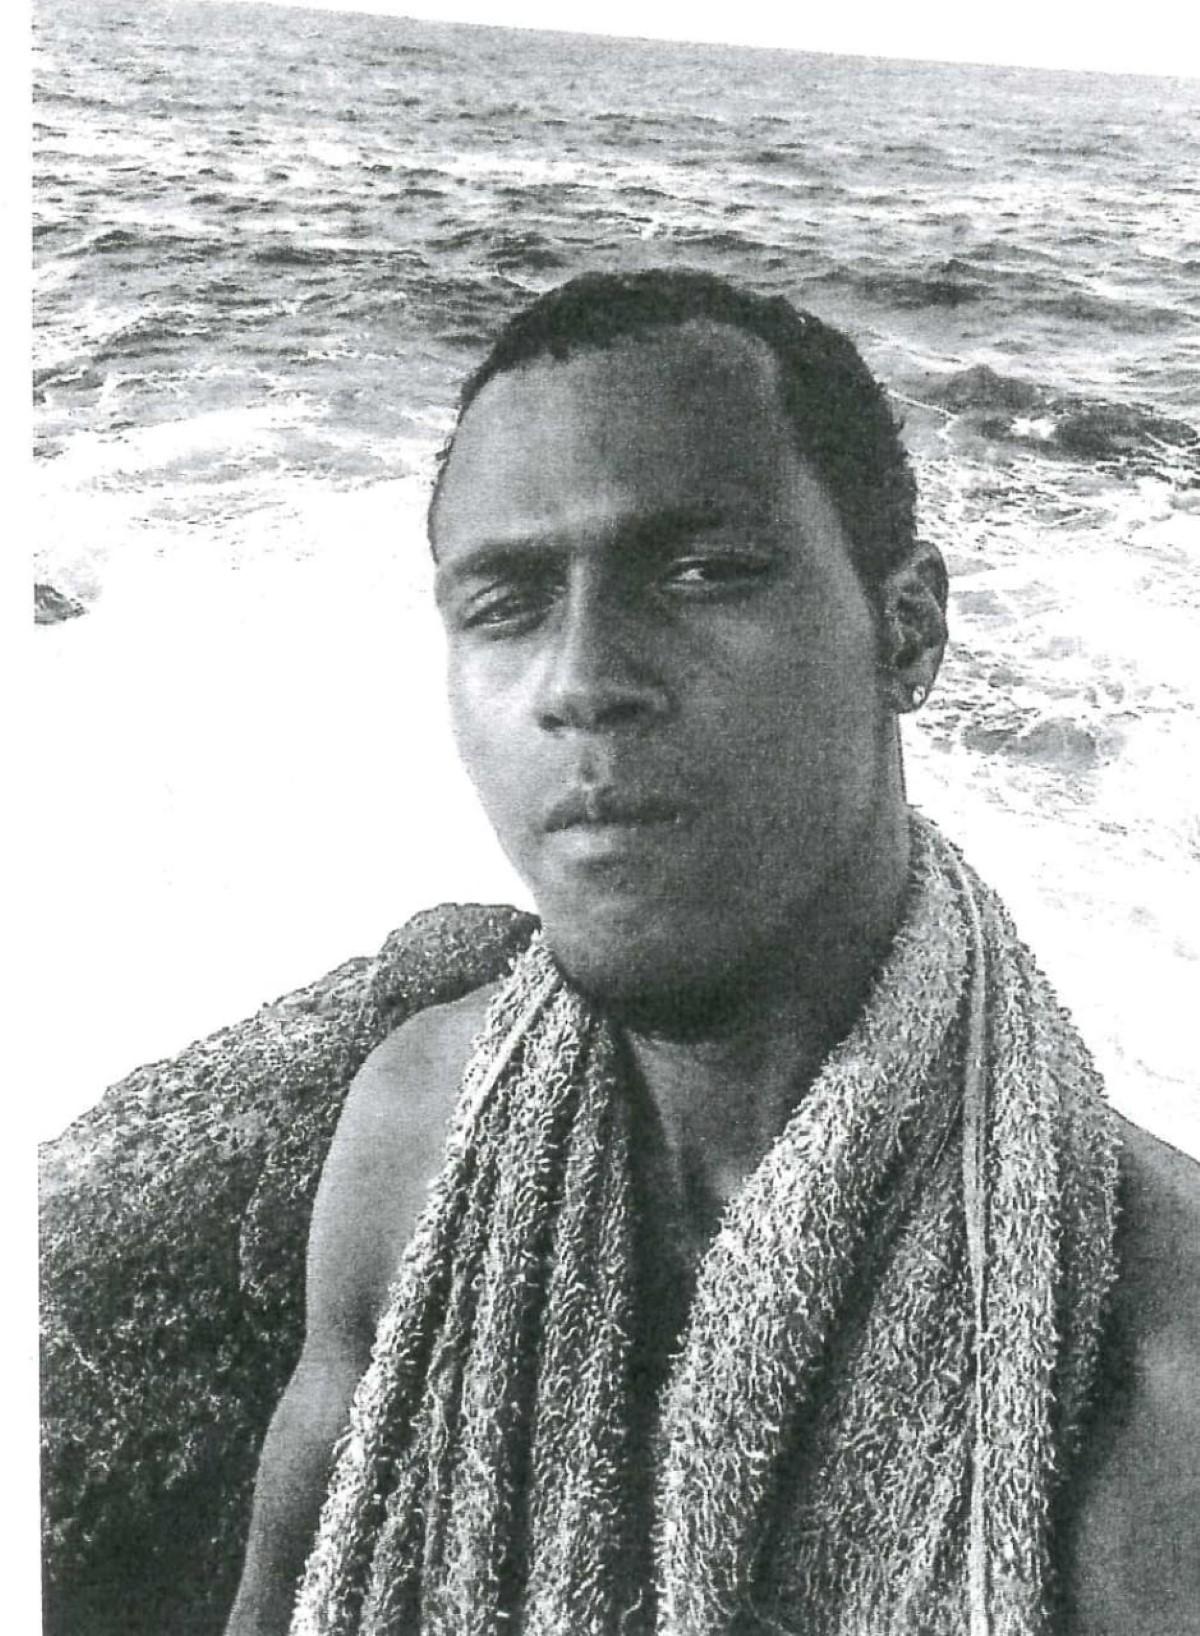 Cassis : Disparition inquiétante de Jean Mathieu Adrien Tuyau âgé de 25 ans